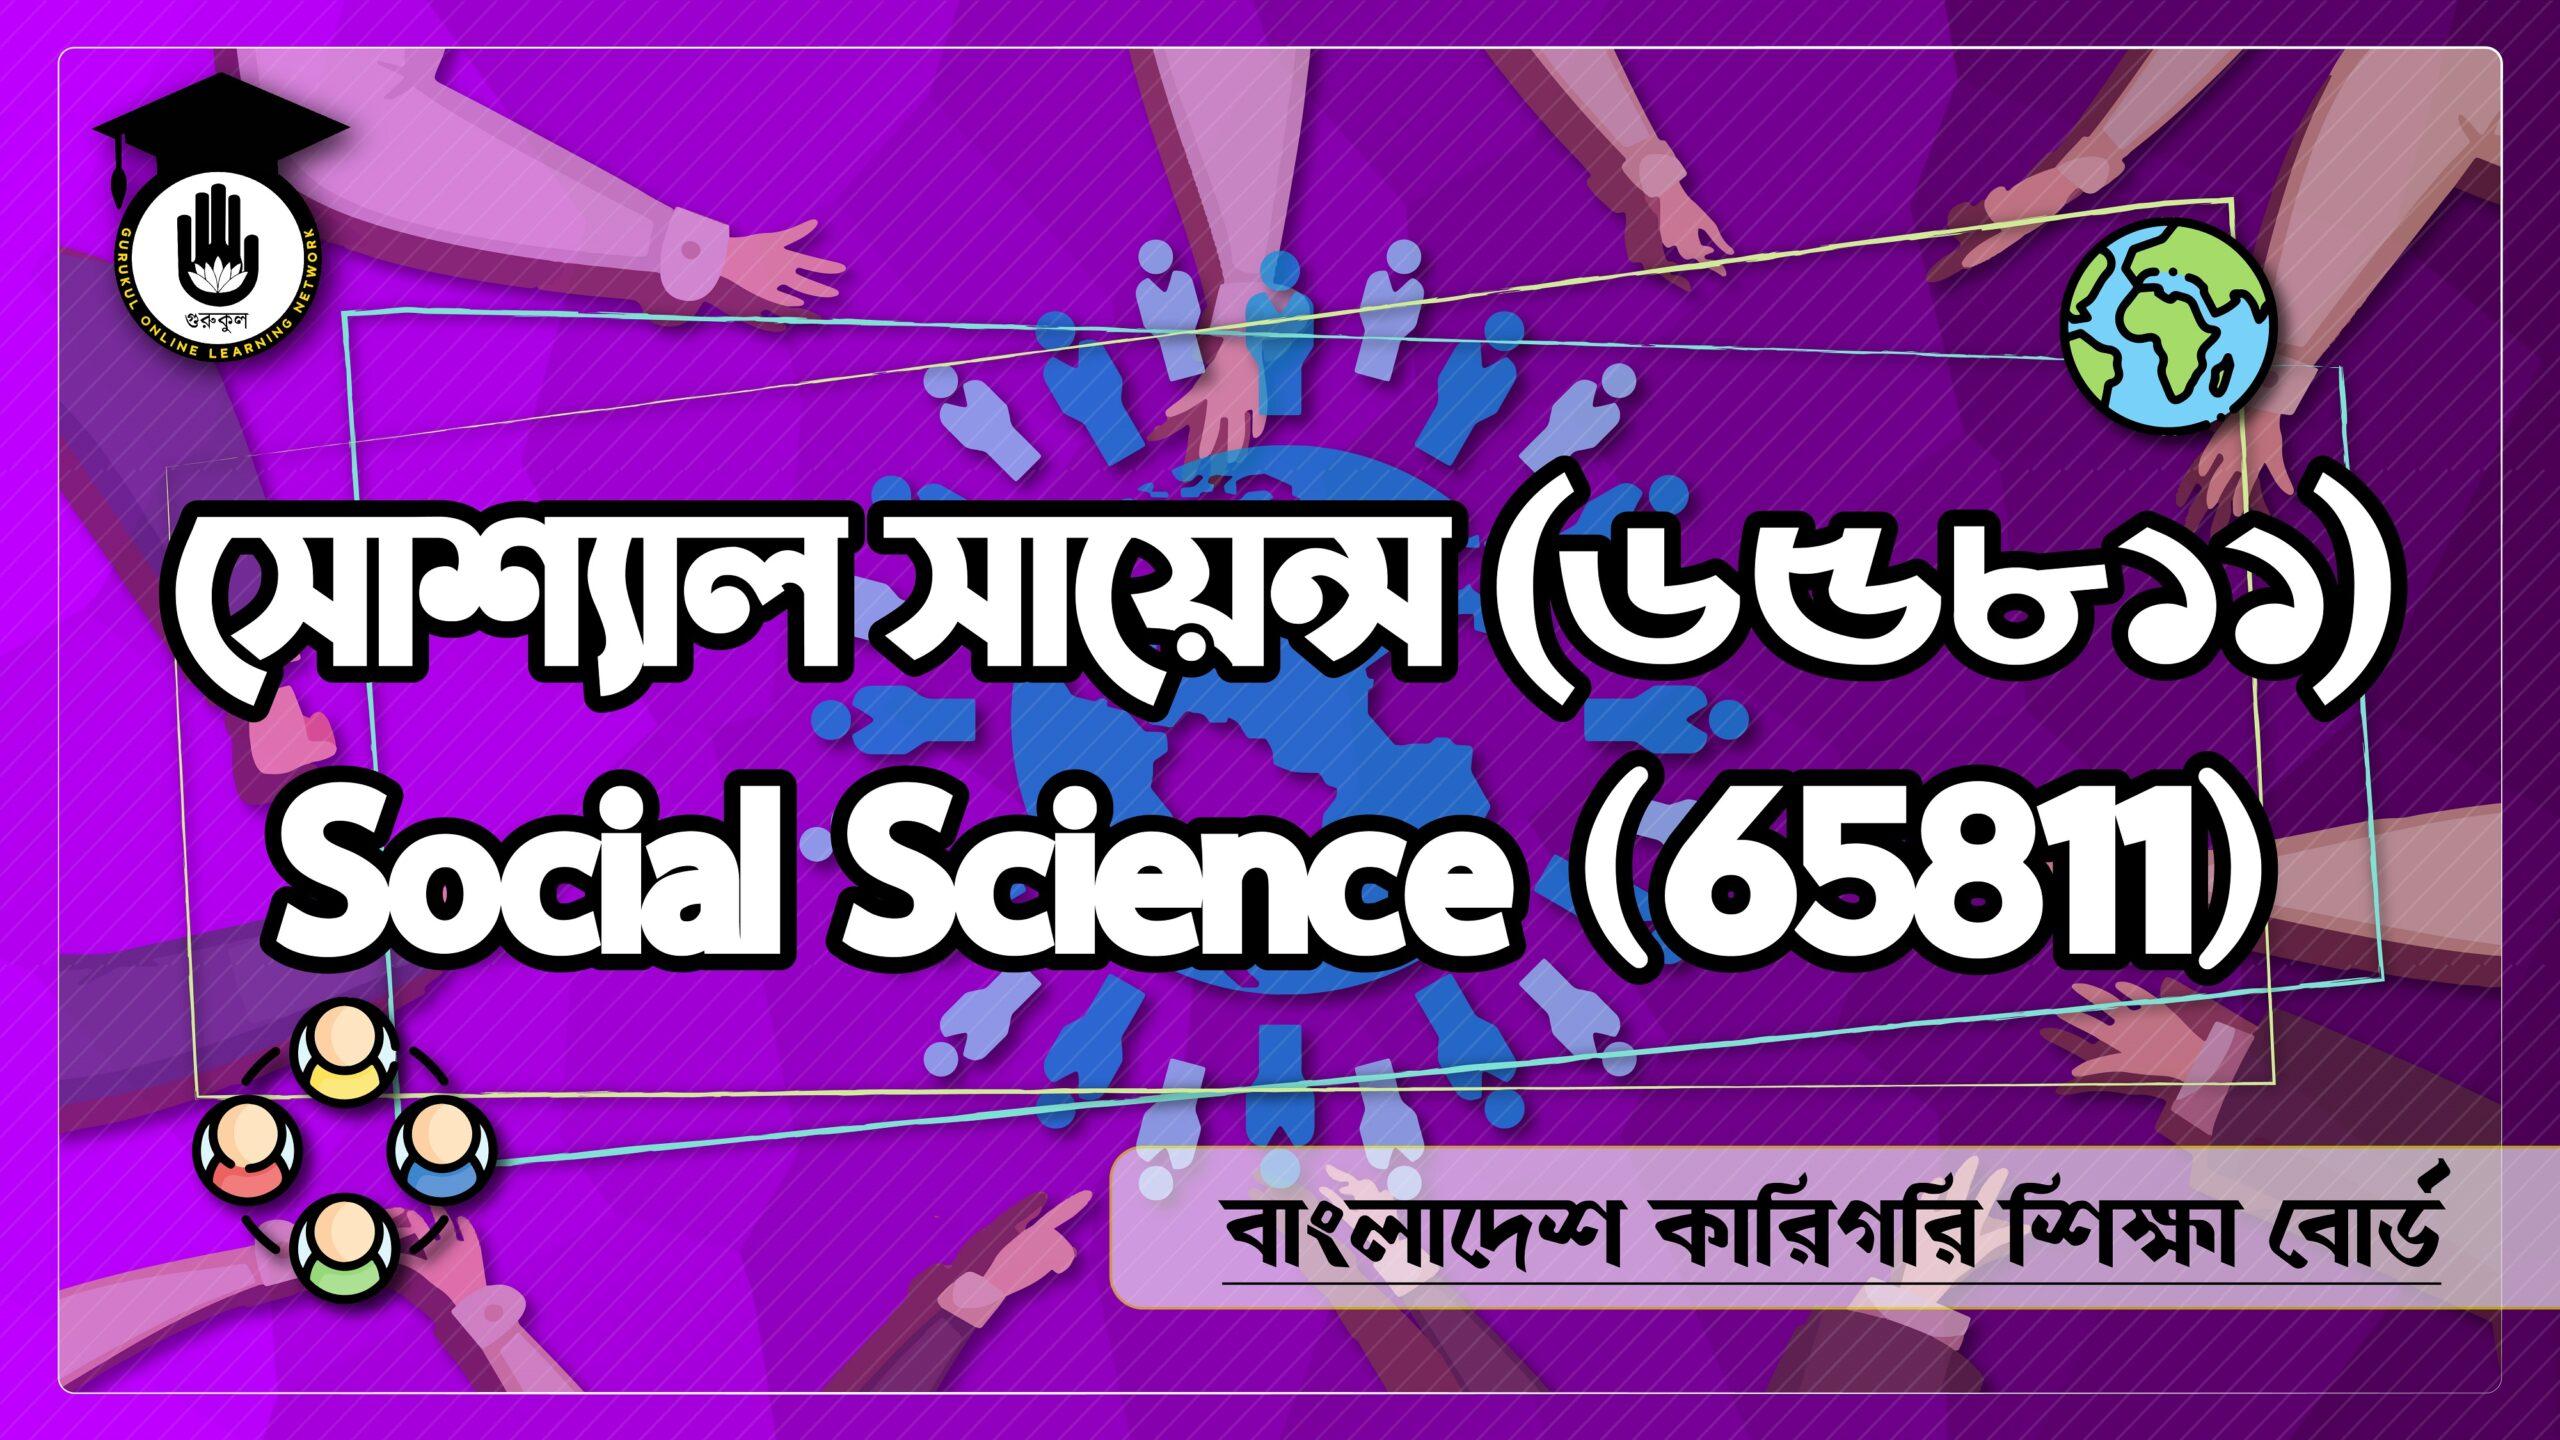 সোশাল / সোস্যাল সাইন্স - ১ (৬৫৮১১), পলিটেকনিক, বাকাশিবো, গুরুকুল অনলাইন লার্নিং নেটওয়ার্ক | Social Science - 1 (65811), Polytechnic, BTEB, Gurukul Online Learning Network